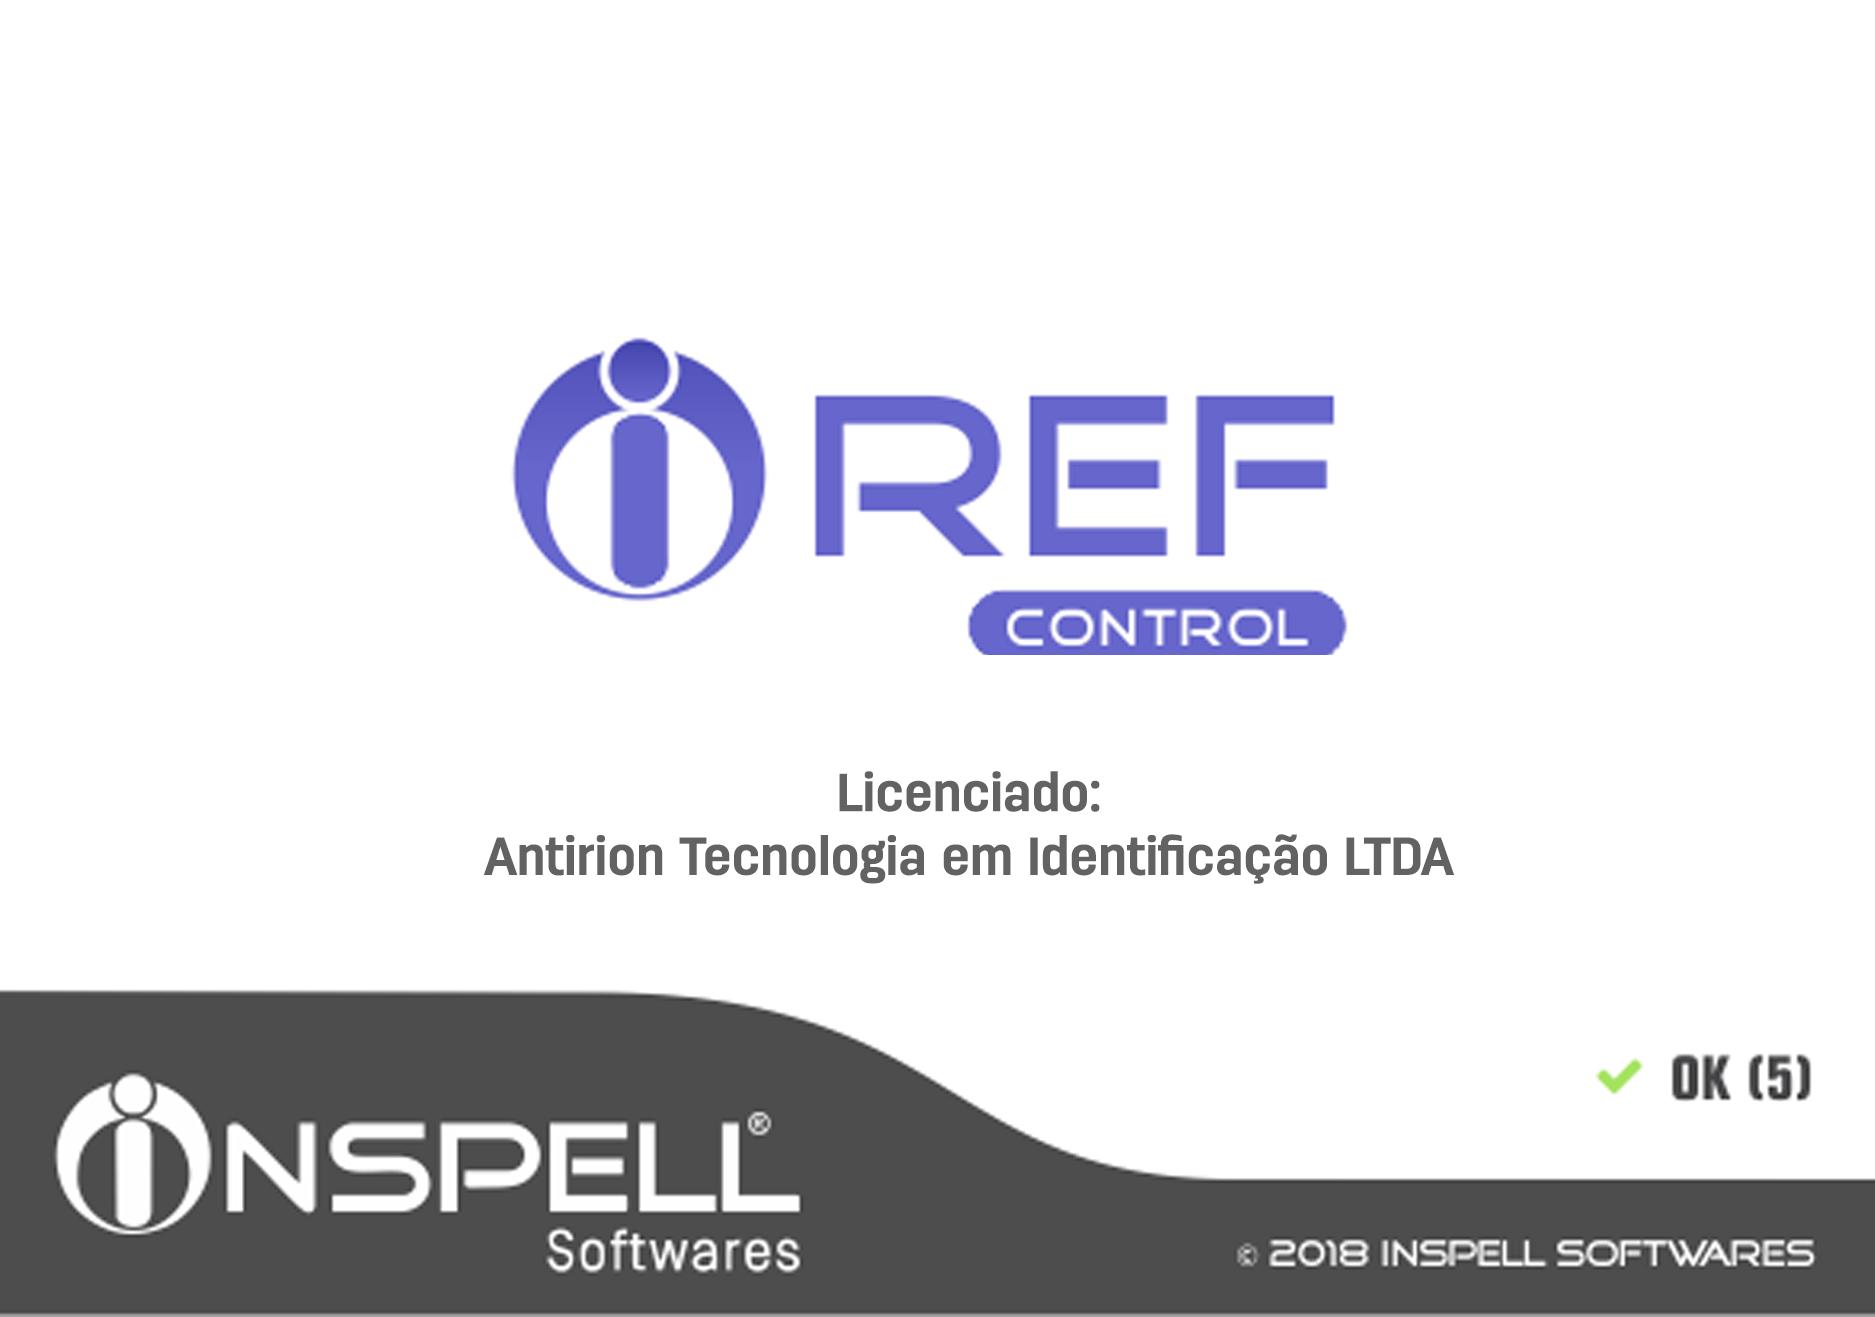 RefControl01